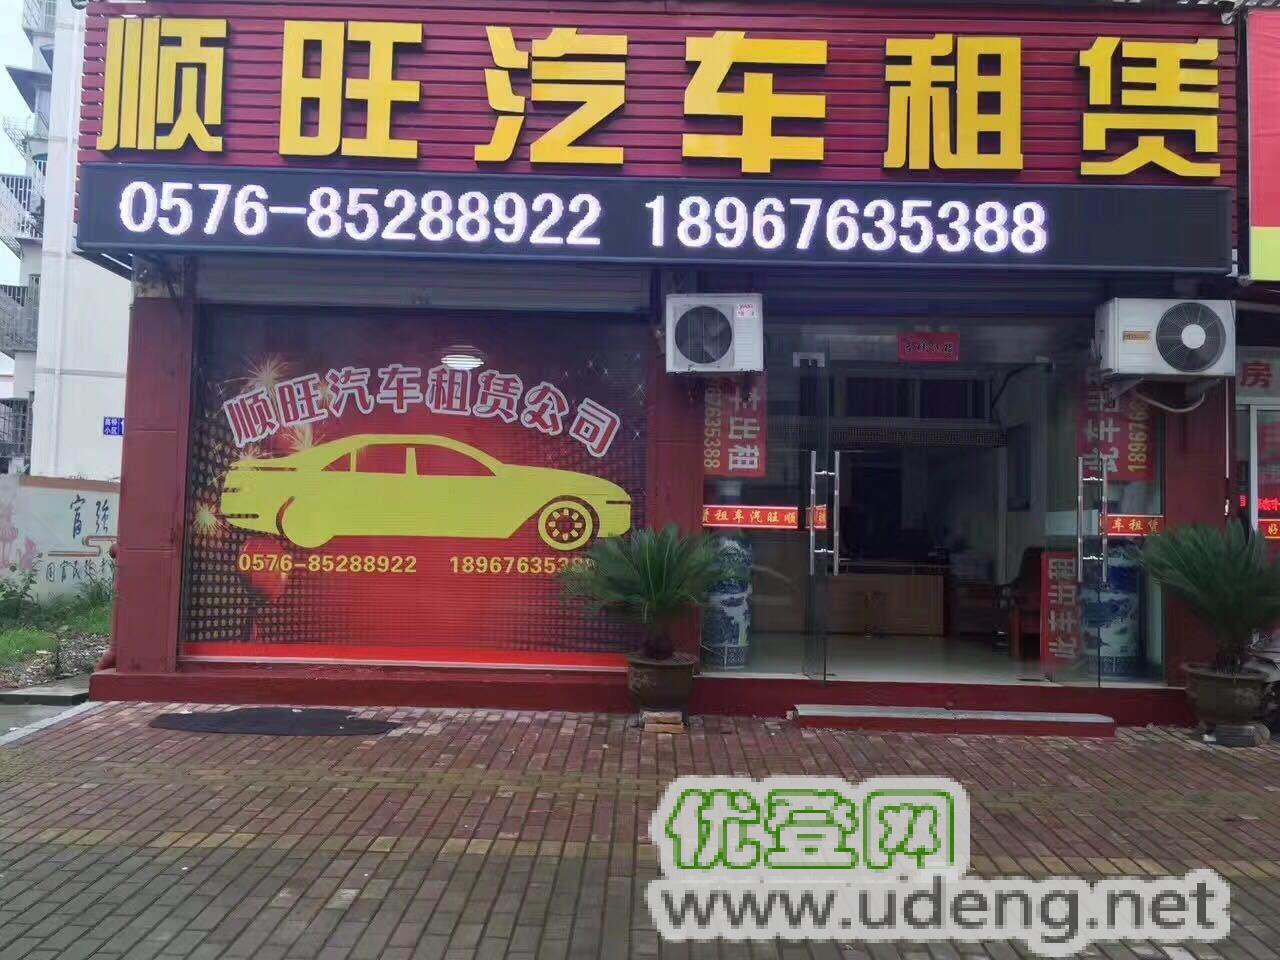 浙江省临海市顺旺汽车租赁公司